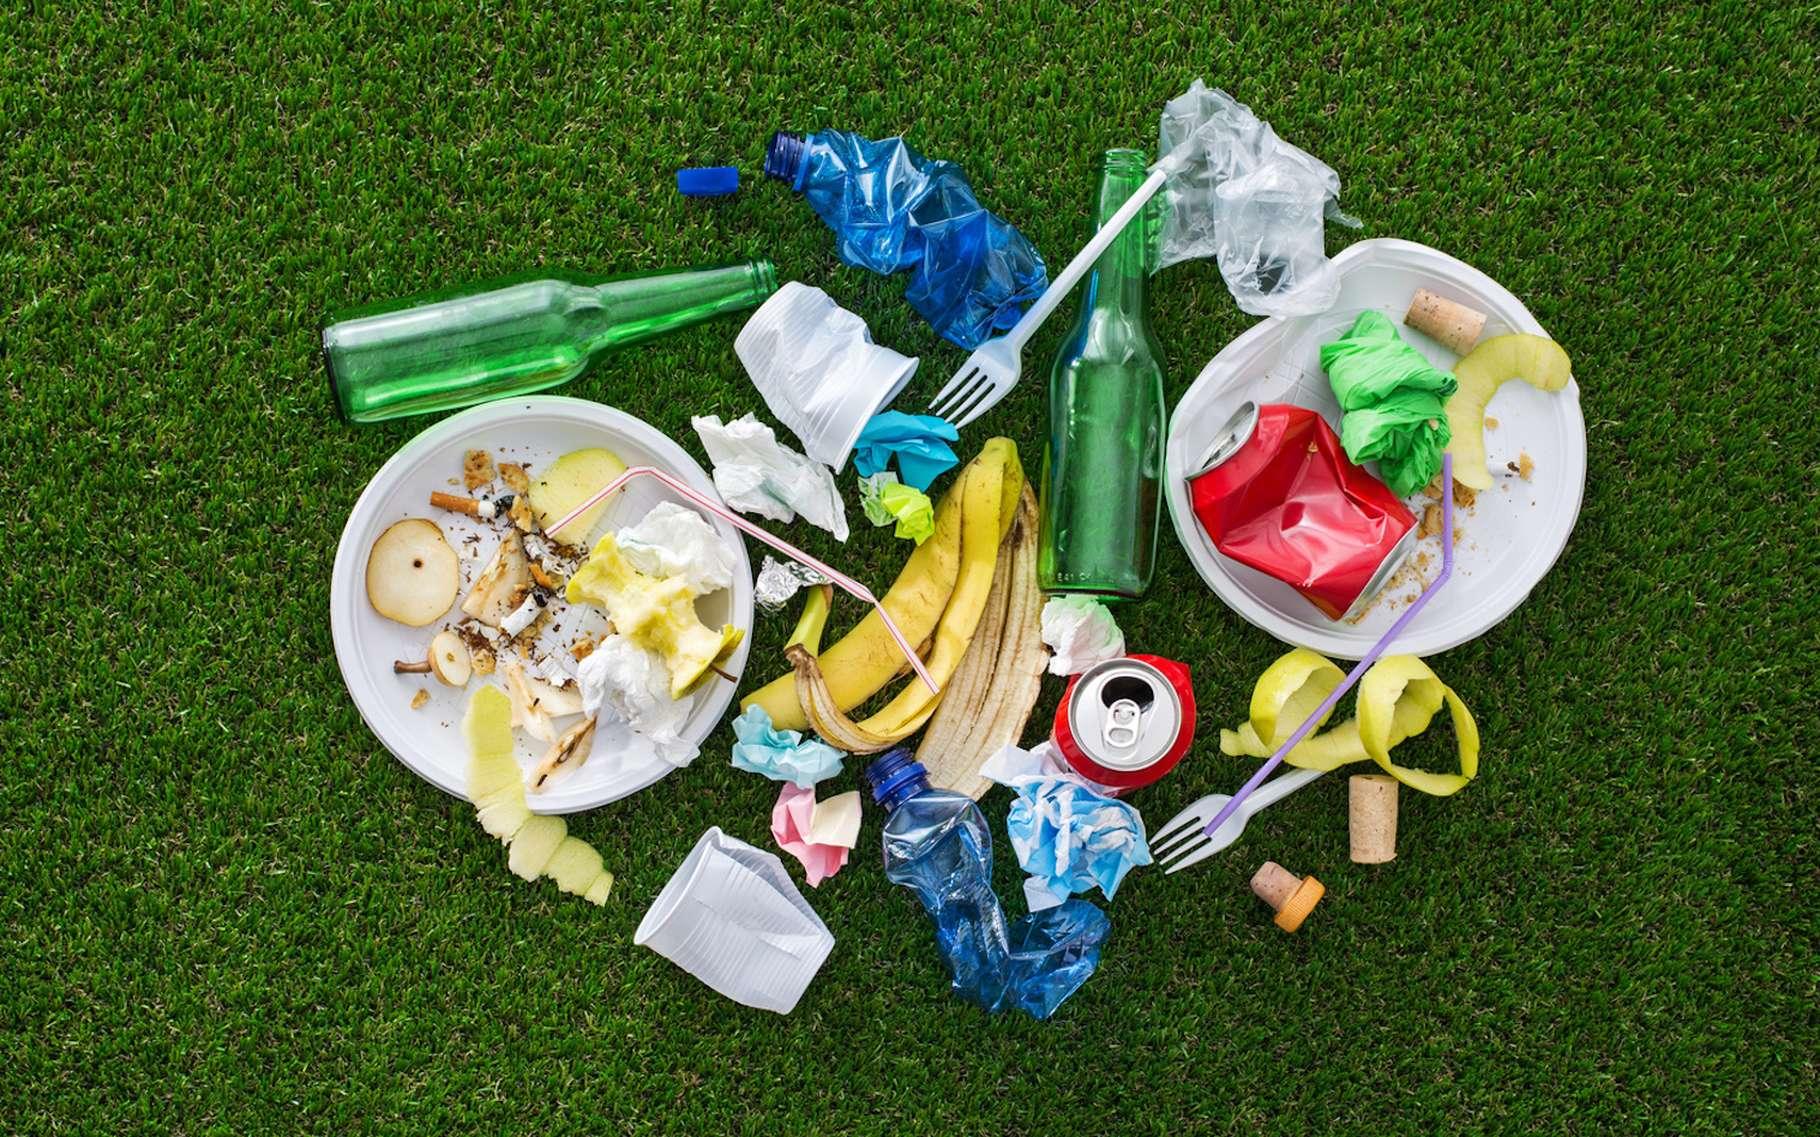 Parmi les déchets que l'on trouve dans une poubelle, certains sont biodégradables, d'autres compostables et d'autres enfin, recyclables. © StockPhotoPro, Fotolia